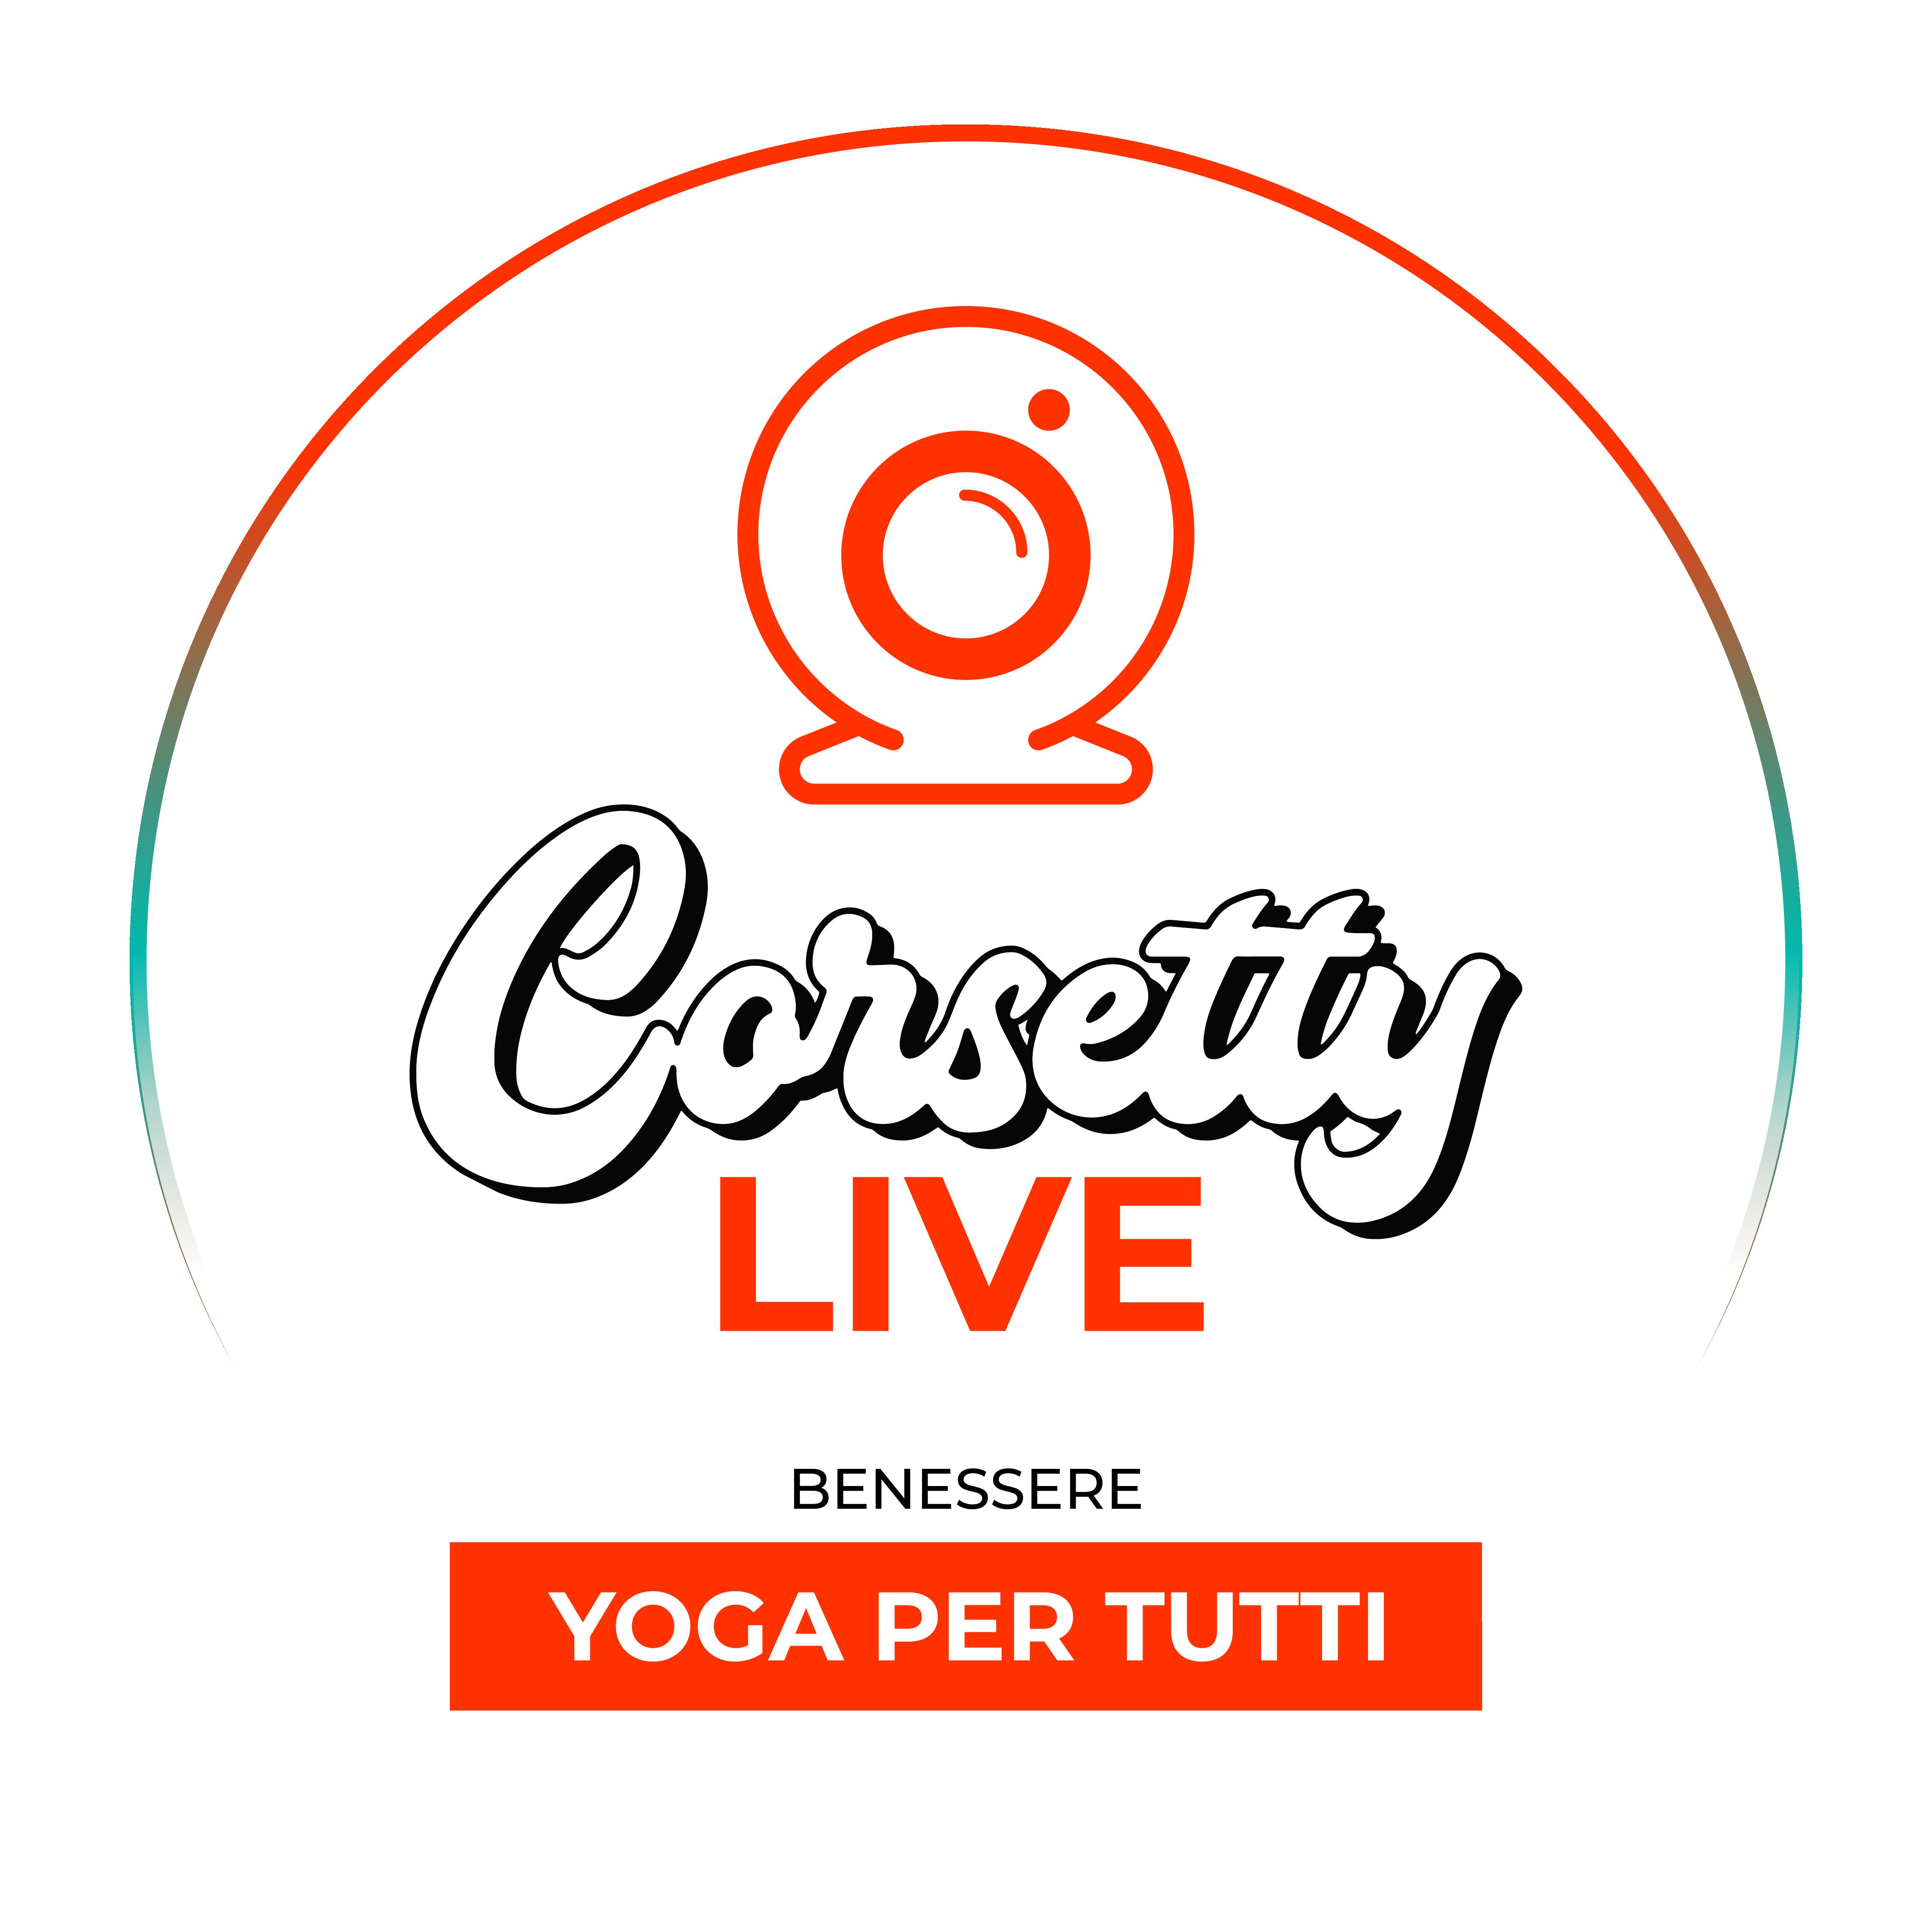 Corsetty – live: YOGA PER TUTTI